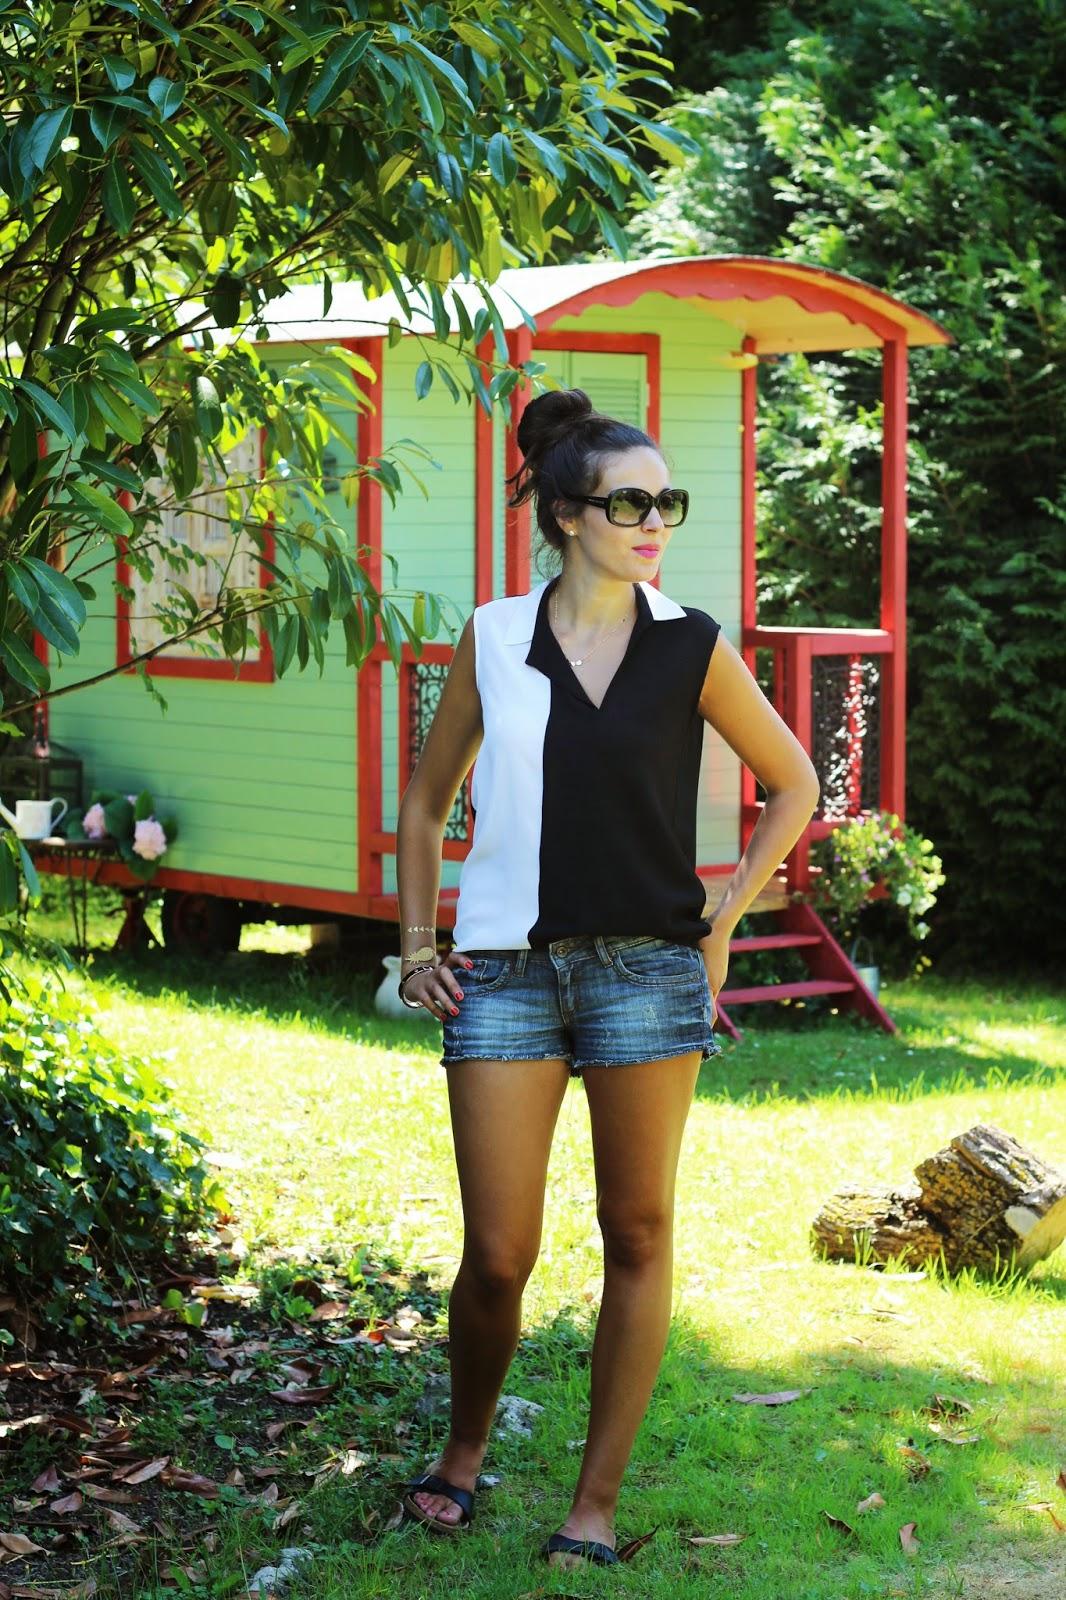 Roulotte Les Tendances By Marina Blog Mode Deco Voyage